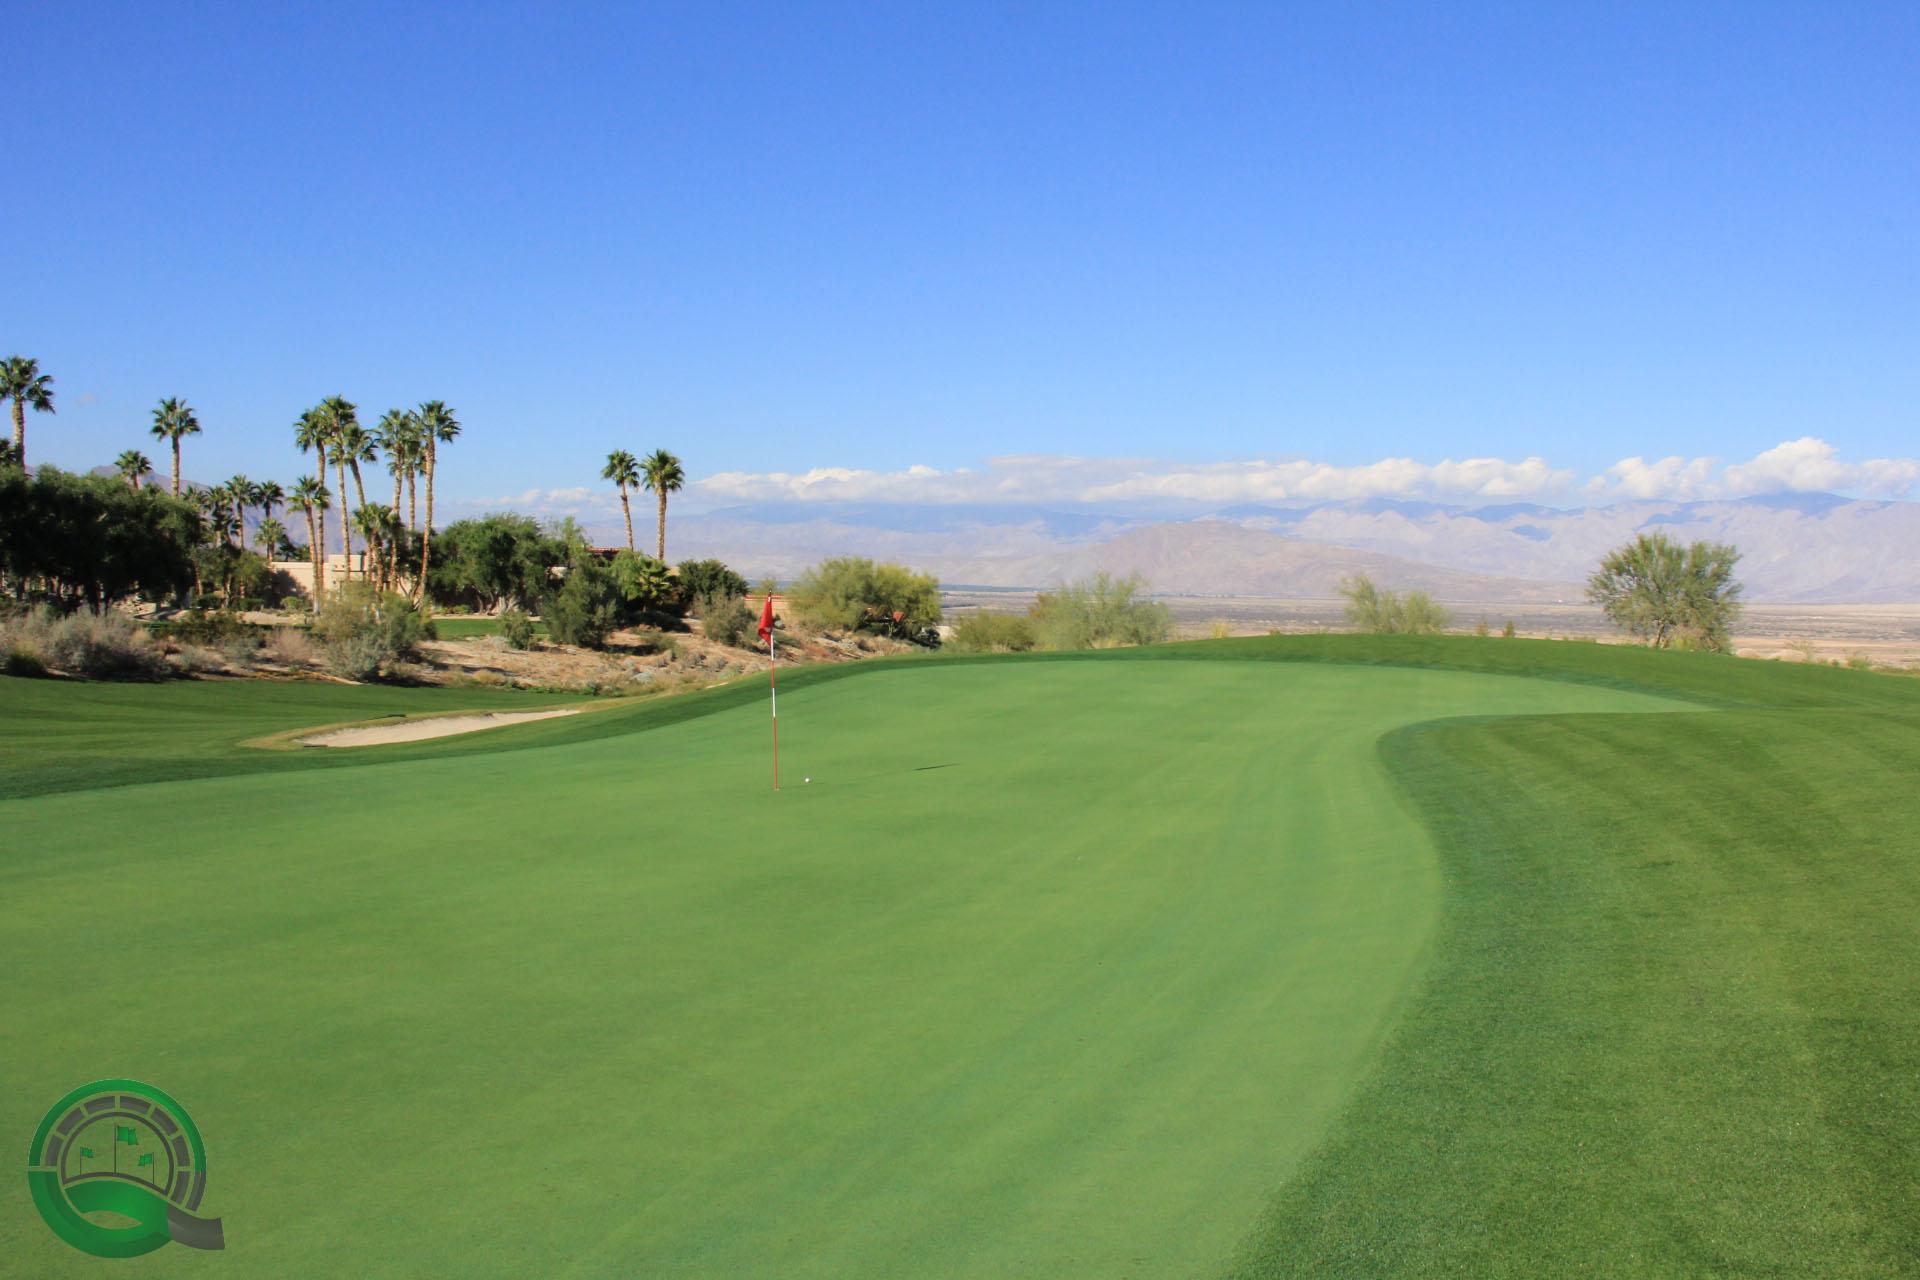 Rams Hill Golf Club Hole 9 Green